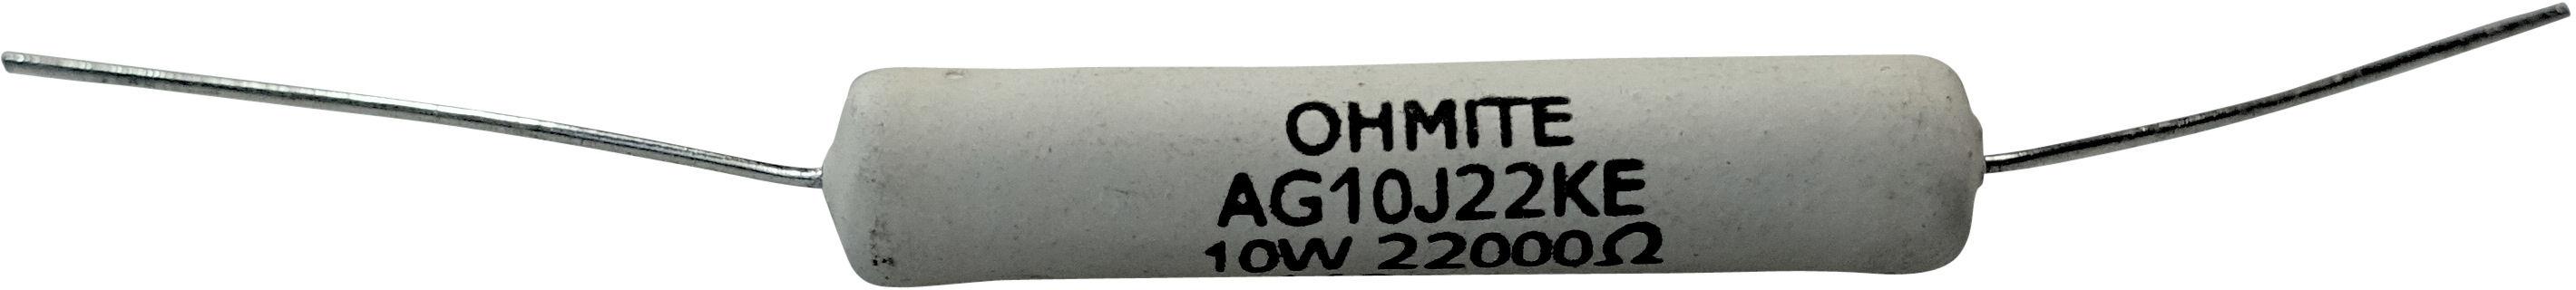 Ohmite Audio Gold 10W - 12 Ohm